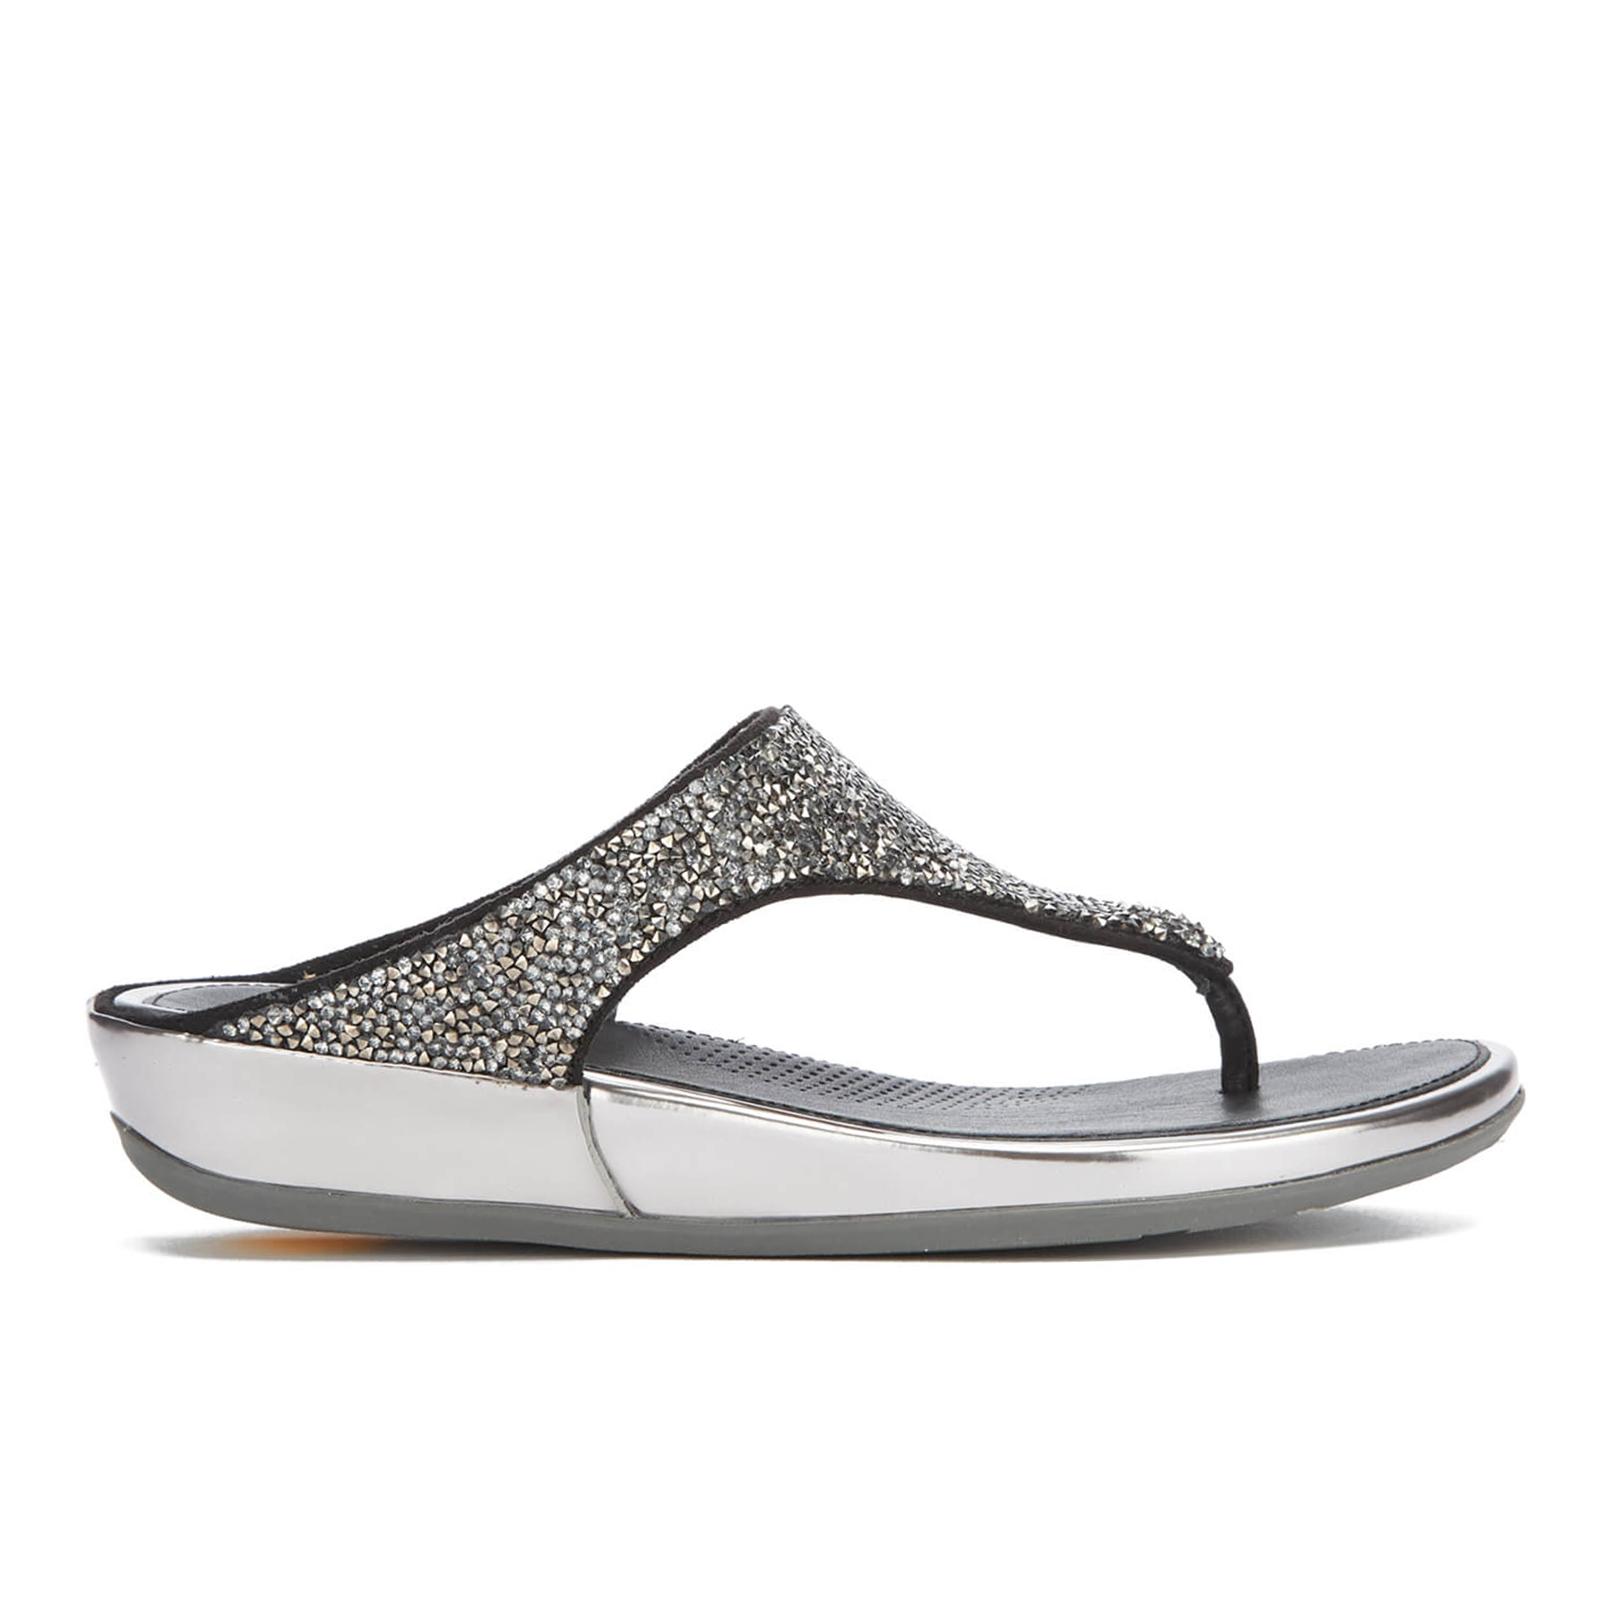 c16961b01d18 FitFlop Women s Banda Roxy Toe-Post Sandals - Pewter Womens Footwear ...